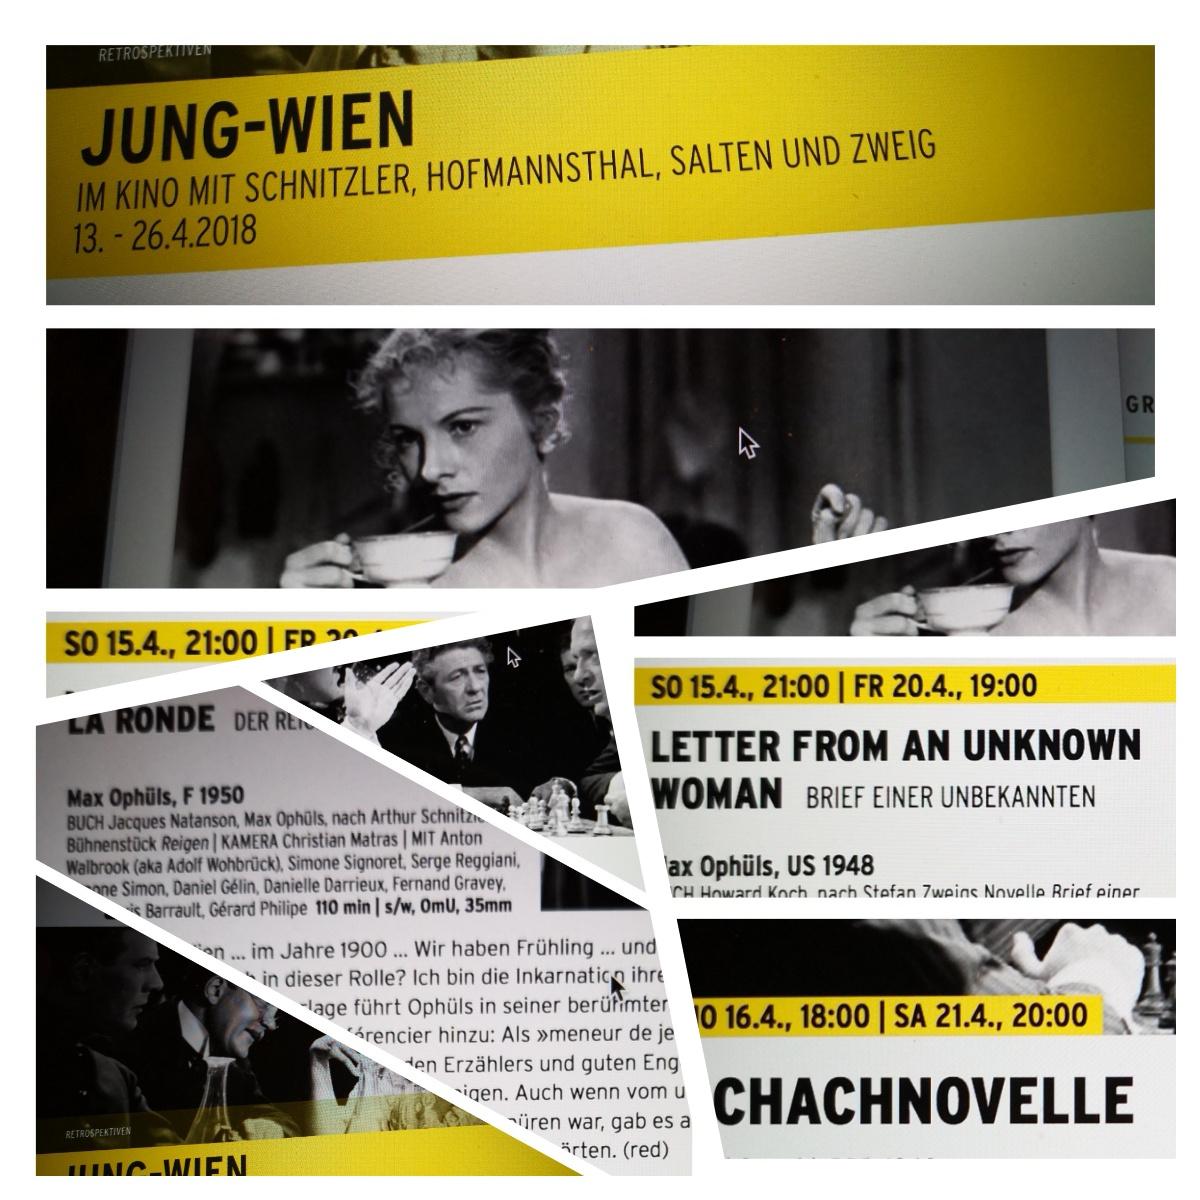 Jung-Wiejn im Metro Kino Wien - kekinwien.at